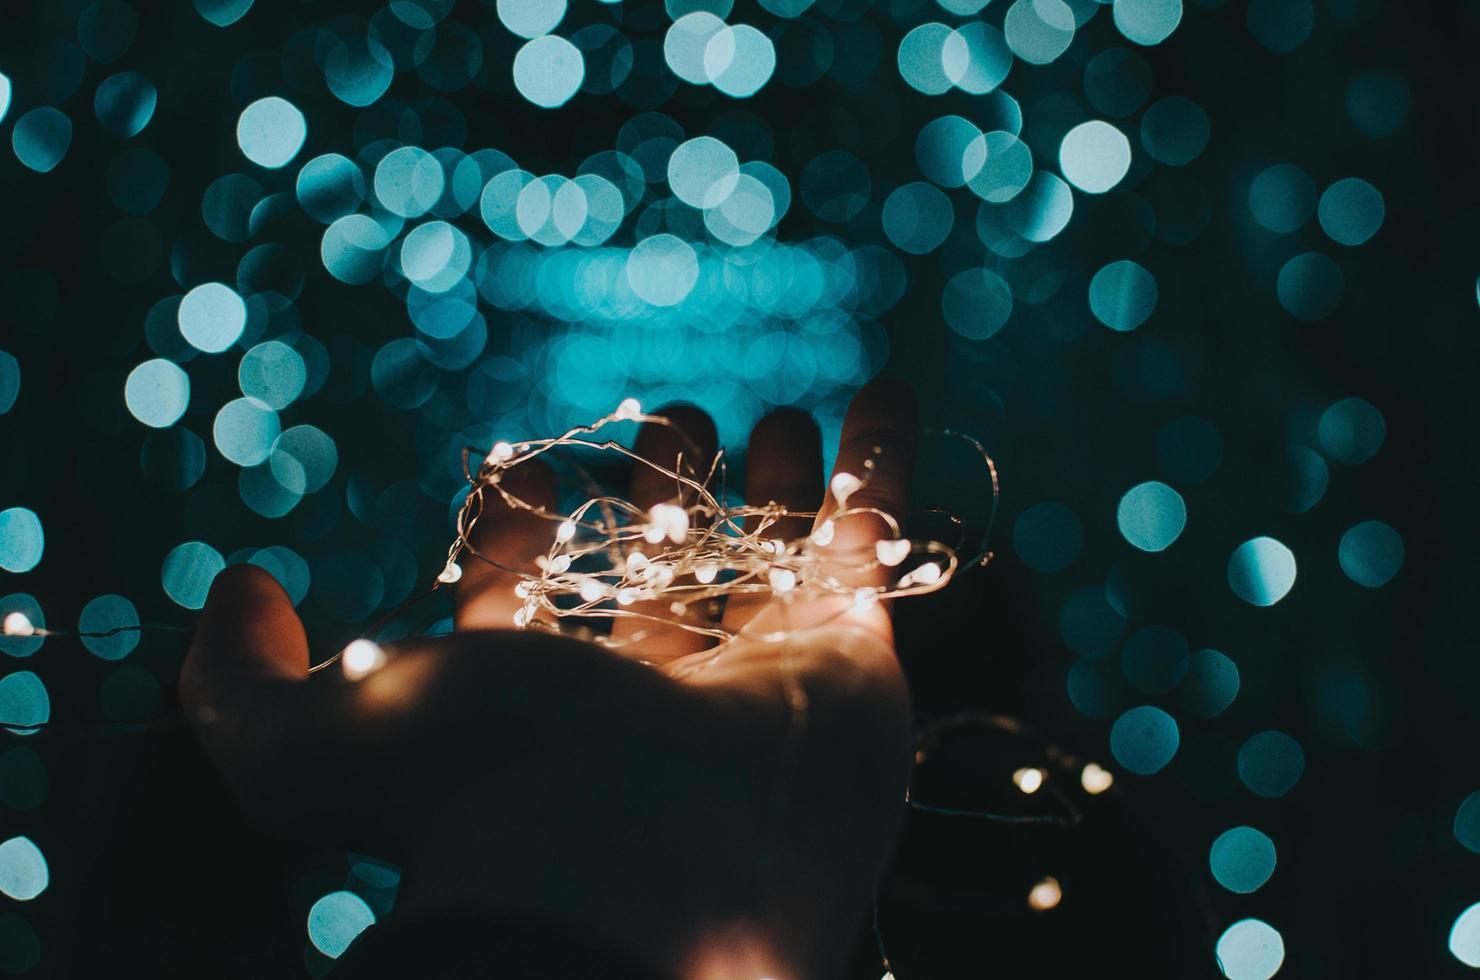 weiße Lichterketten in der Handfläche foto